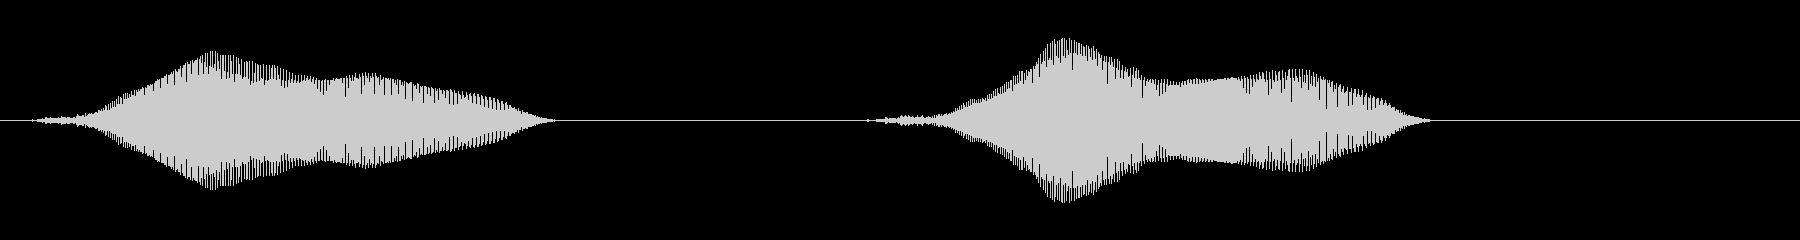 ちゅうちゅうの未再生の波形